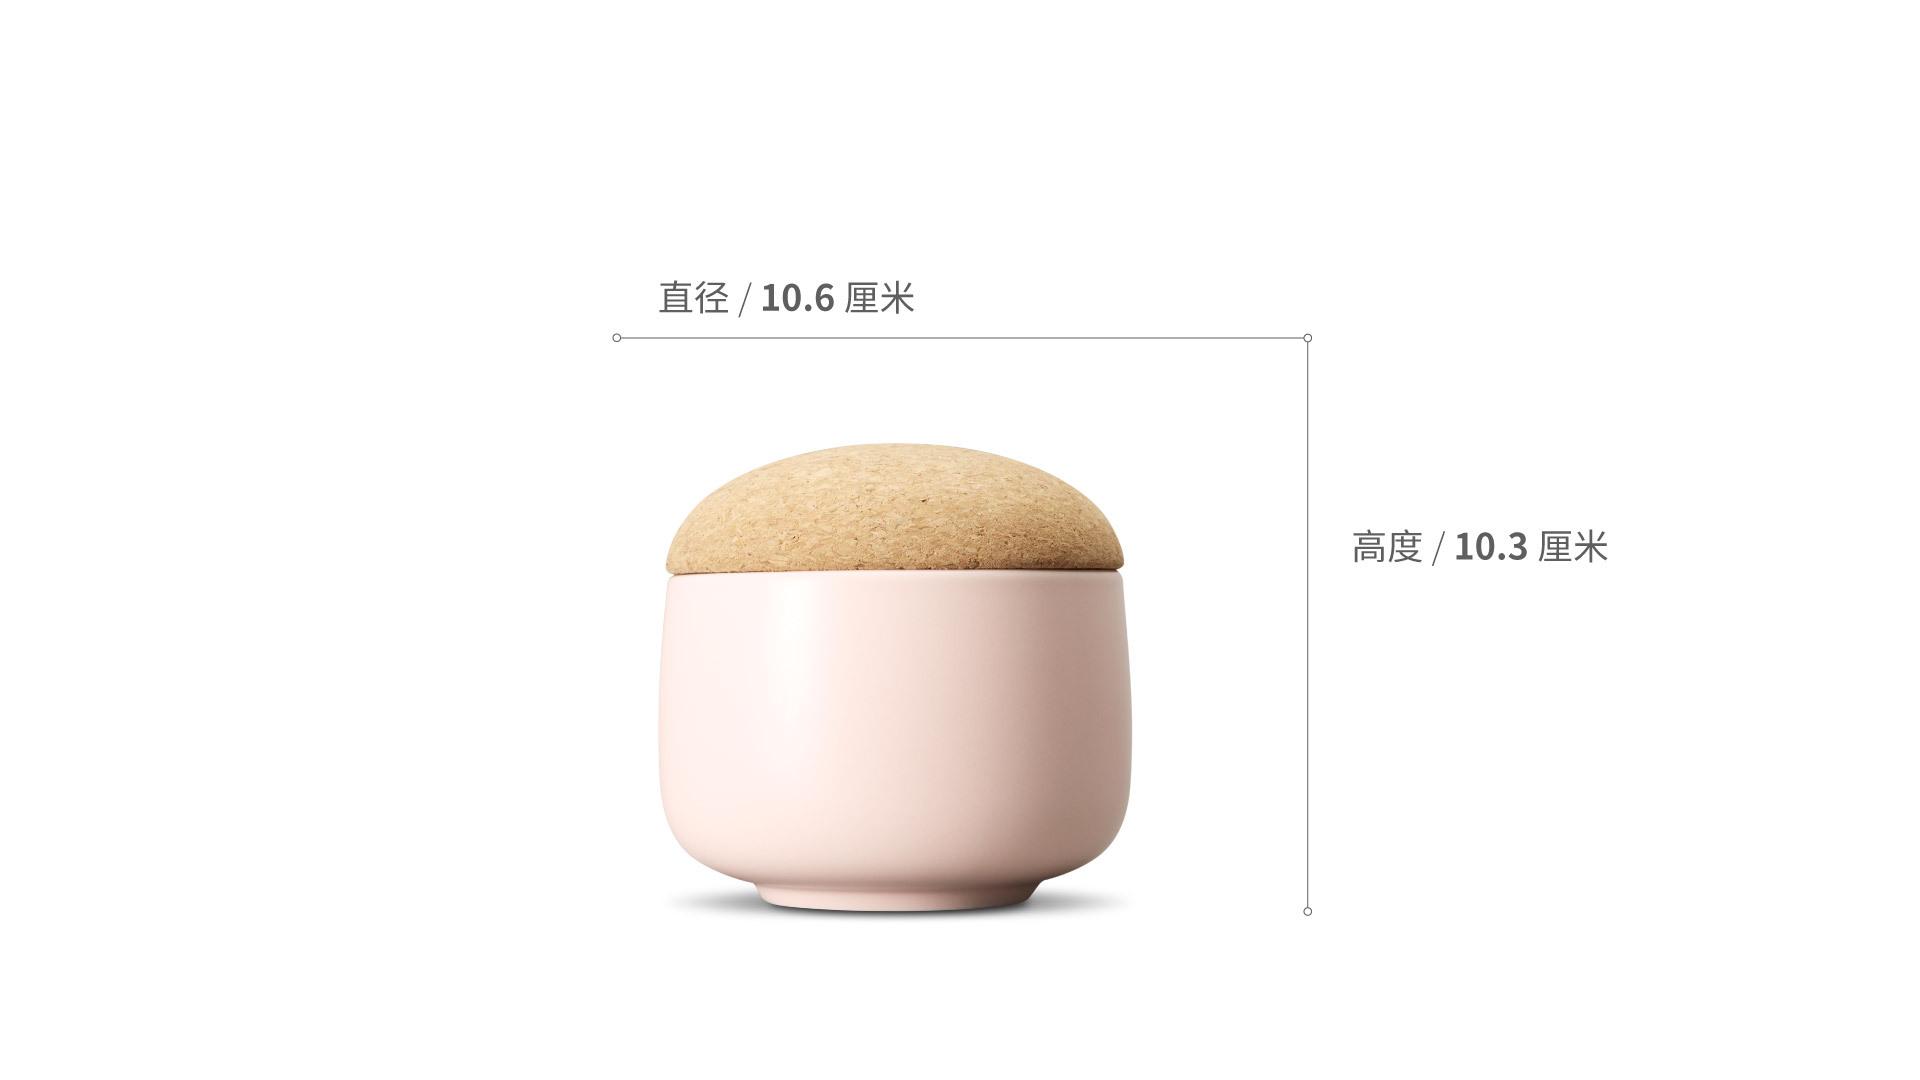 蘑菇储物罐矮罐餐具效果图